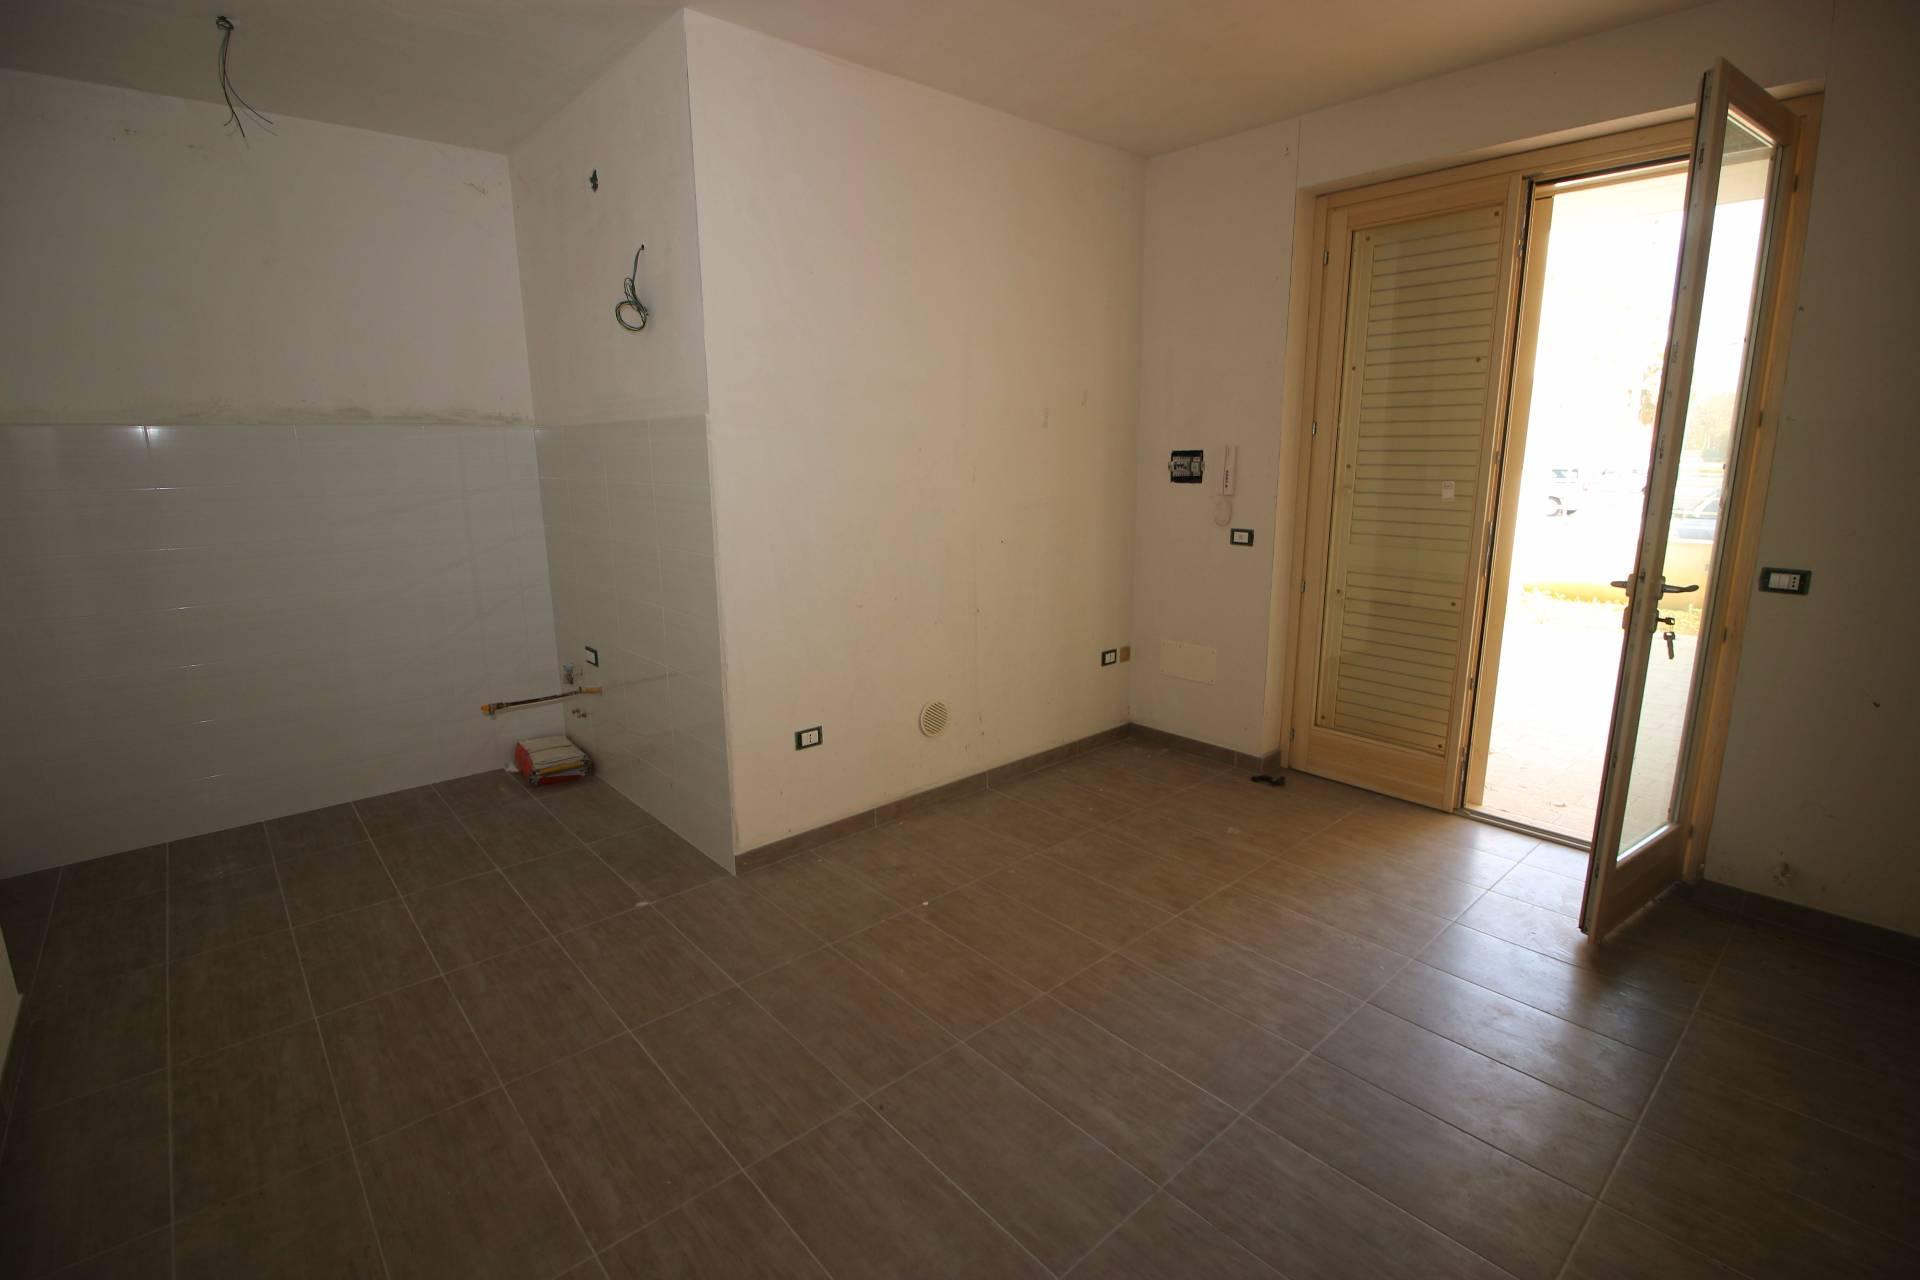 Appartamento in vendita a Alba Adriatica, 3 locali, zona Località: ZonaMare, prezzo € 125.000 | PortaleAgenzieImmobiliari.it